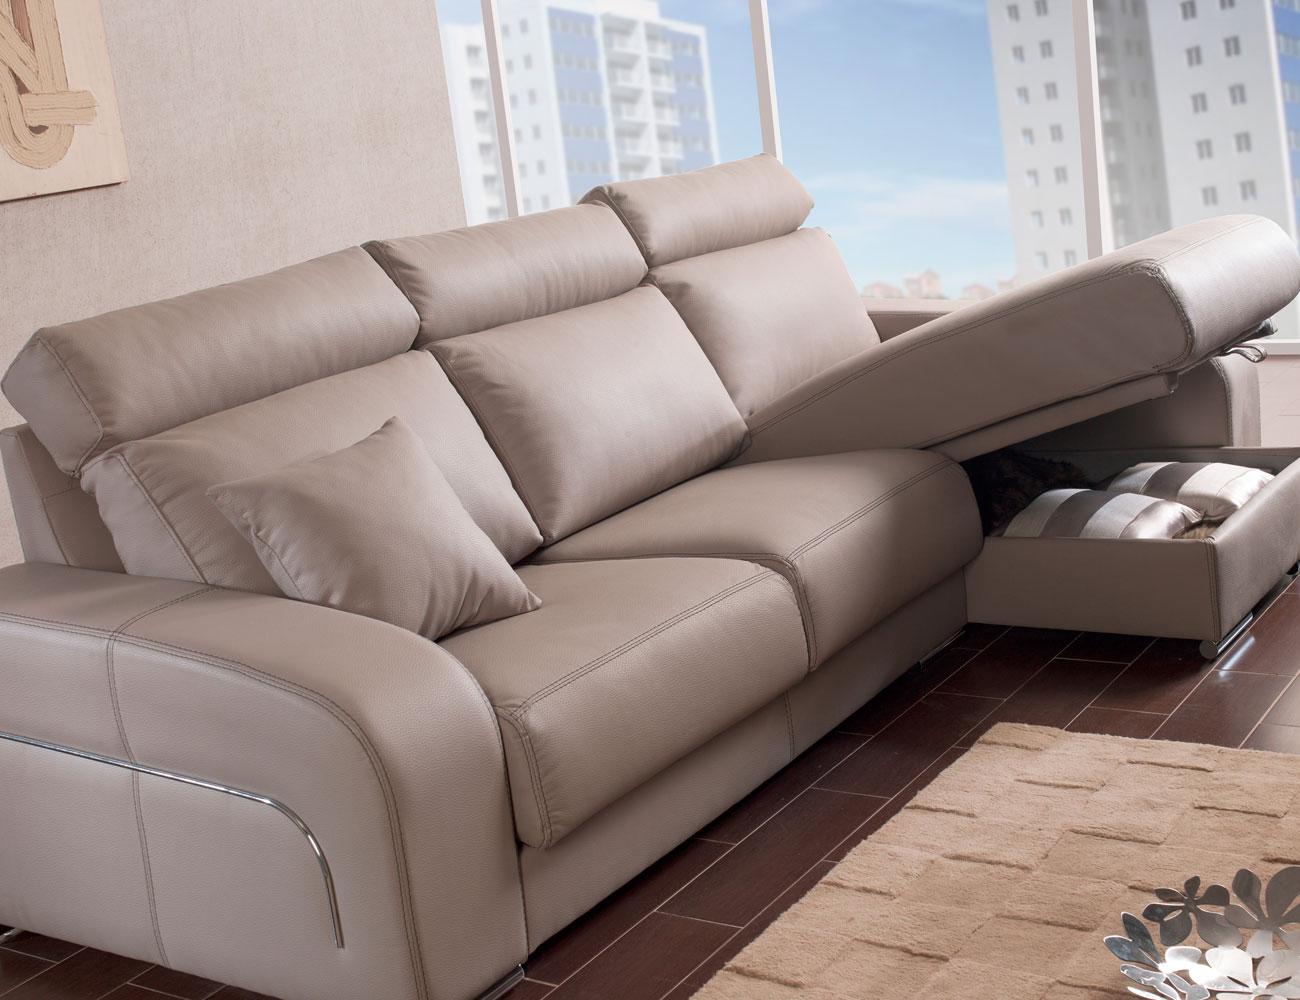 Sofa chaiselongue moderno pared cero arcon30